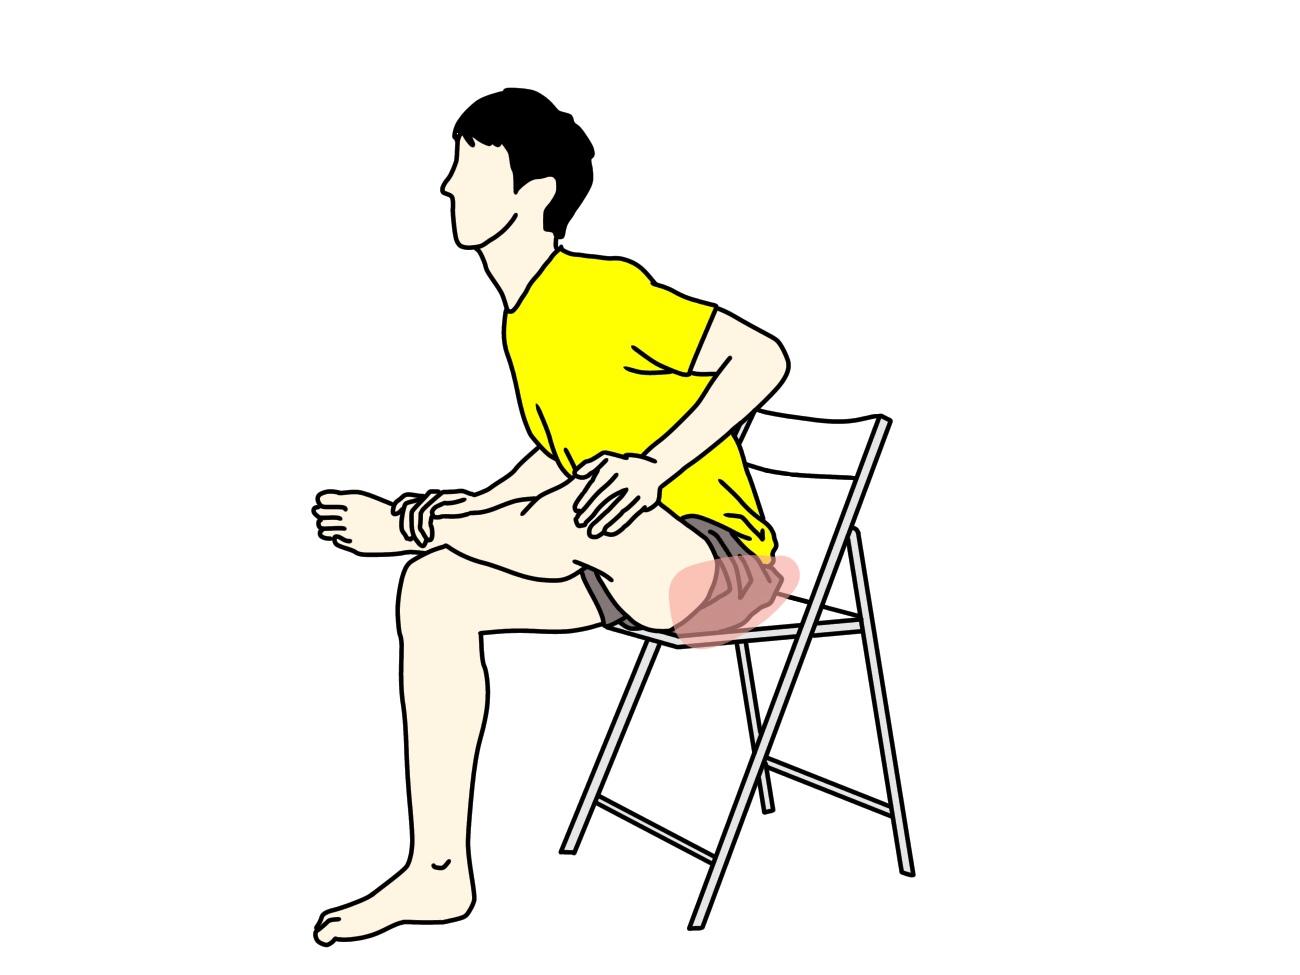 椅子に座って行うお尻(大殿筋)のストレッチで伸びる場所